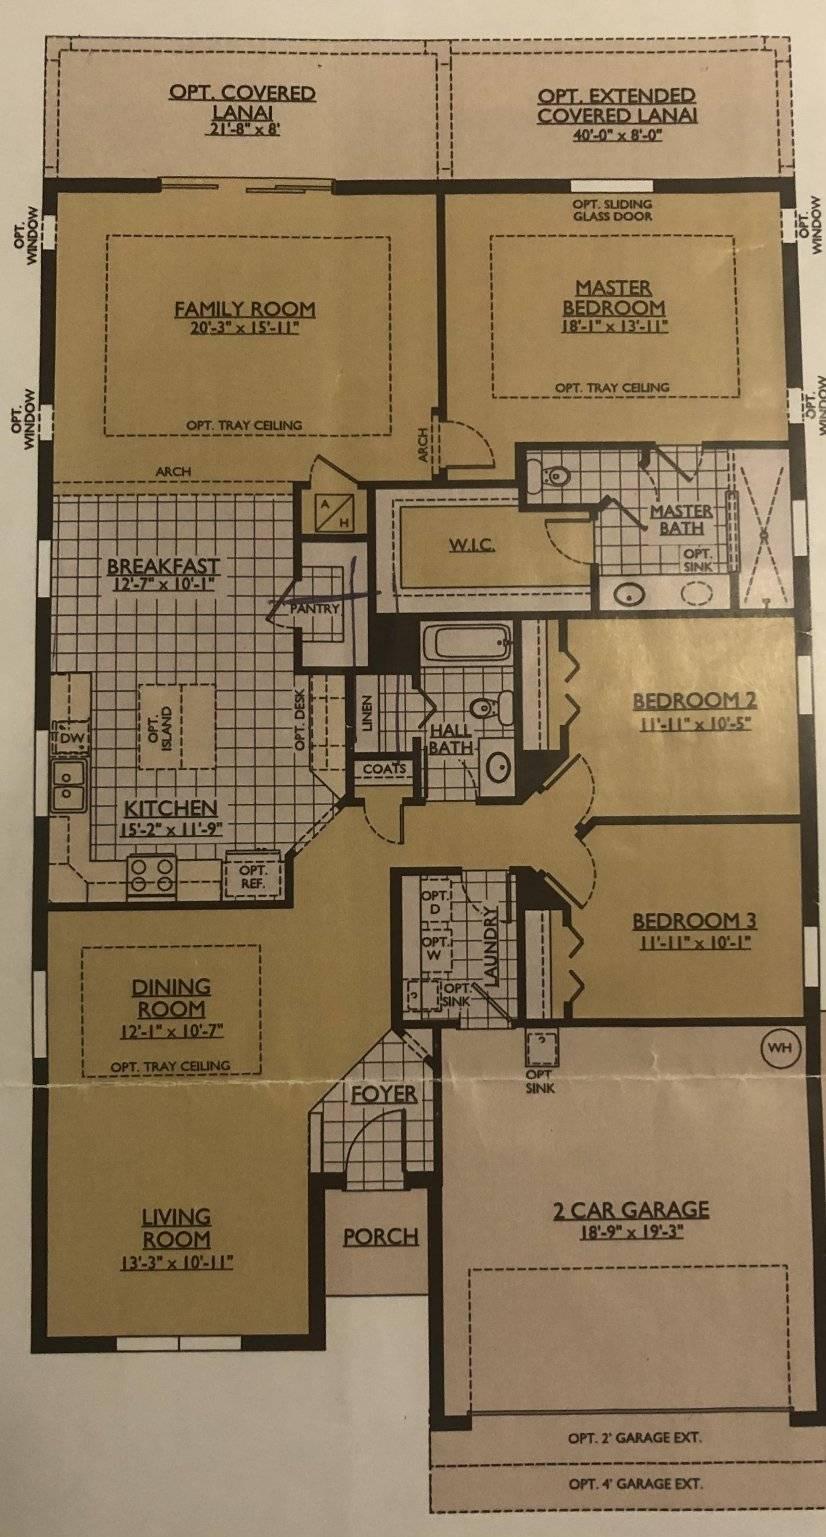 Actual floor plan and specs.